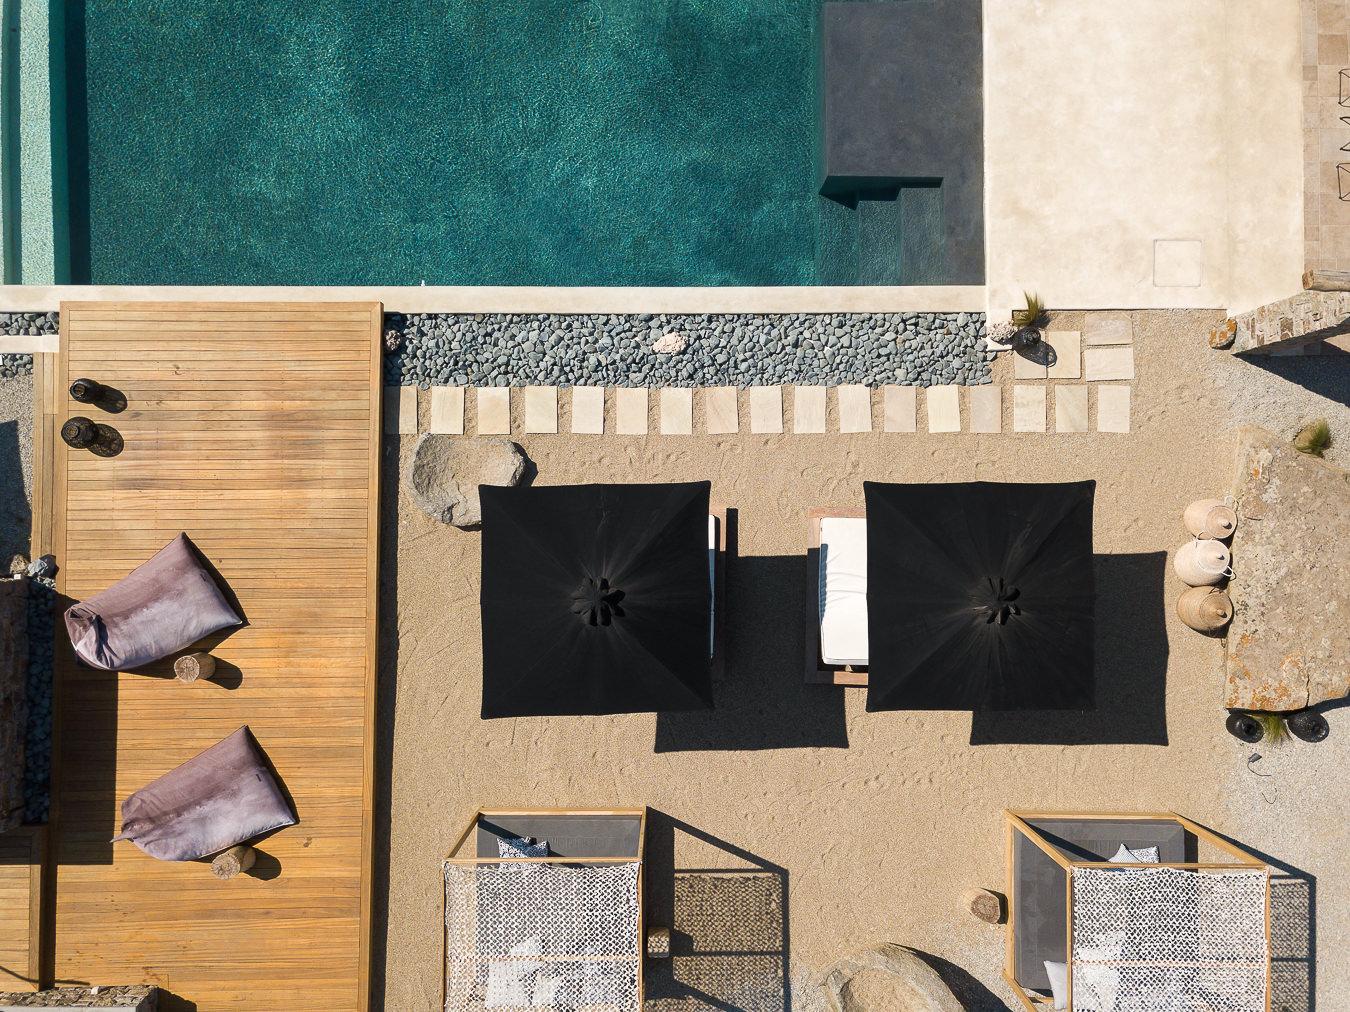 PORTES, MYKONOS, Γιώργος Φάκαρος - Αρχιτεκτονική Φωτογραφία | Εσωτερικοί Χώροι | Φωτογραφία Ξενοδοχειών - Photography / Φωτογραφία